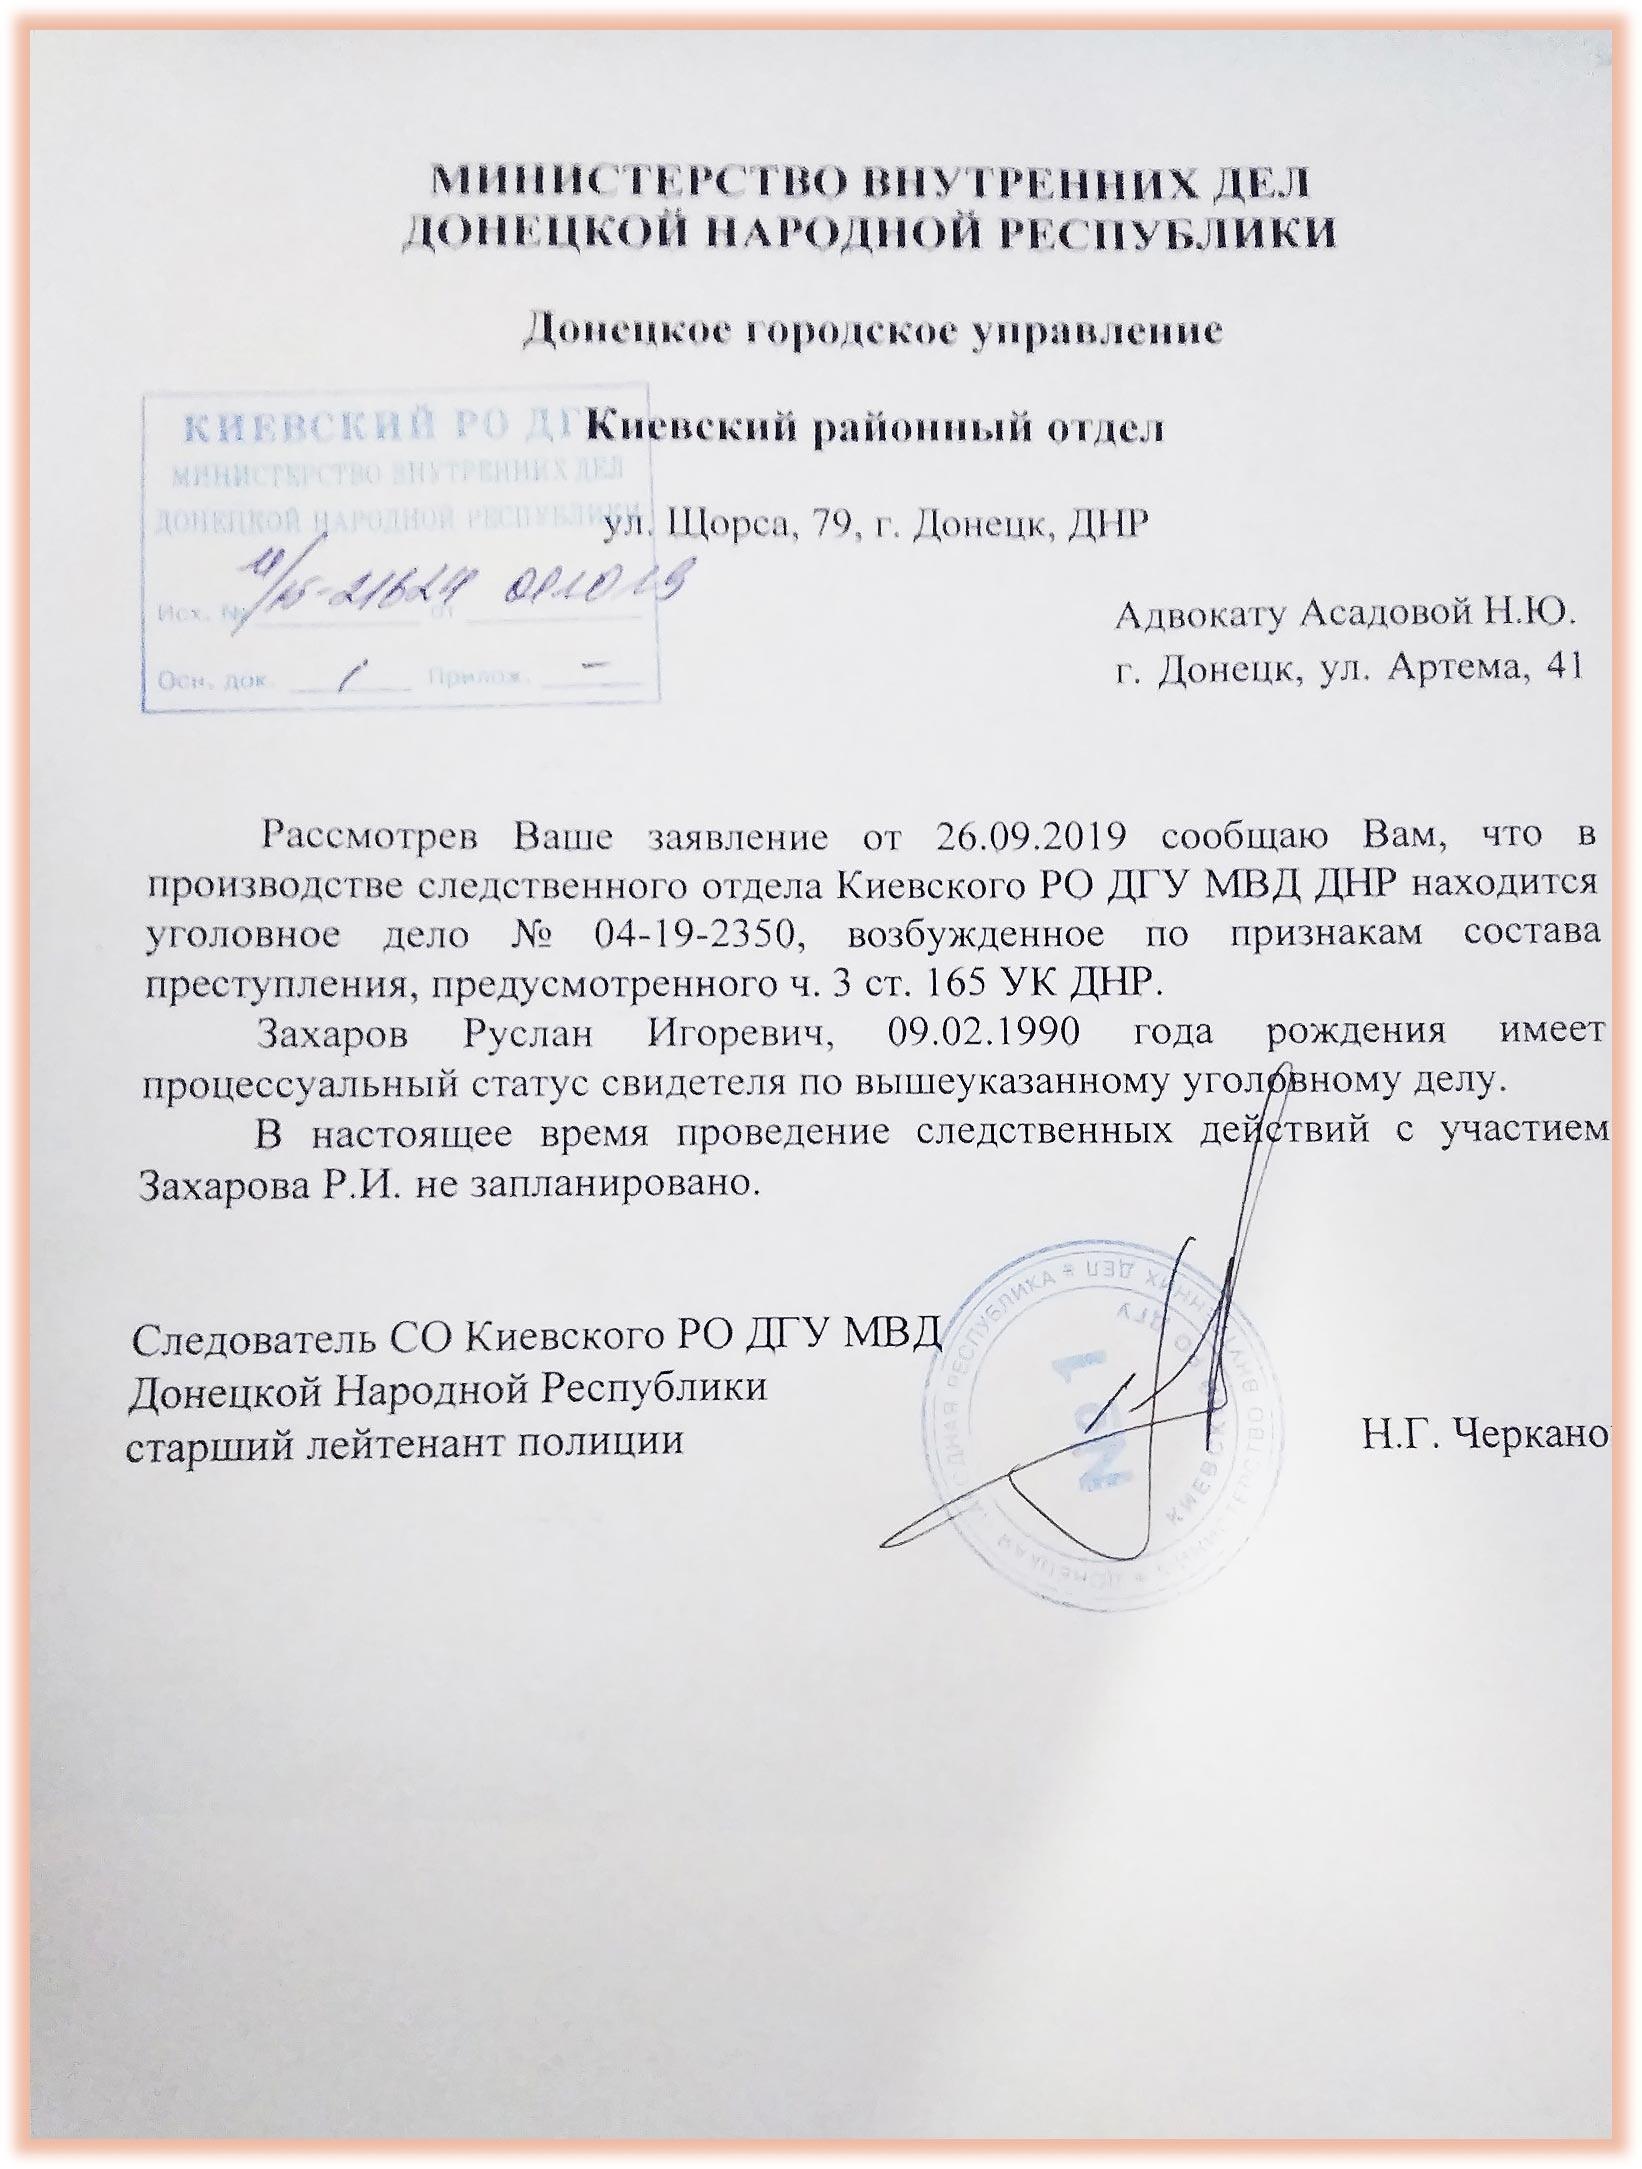 ruslan zacharov 01 - <b>«Я всех вас уничтожу за сына».</b> Как с помощью безрассудной ярости и тысяч долларов мать вытащила сына из концлагеря «Изоляция» - Заборона